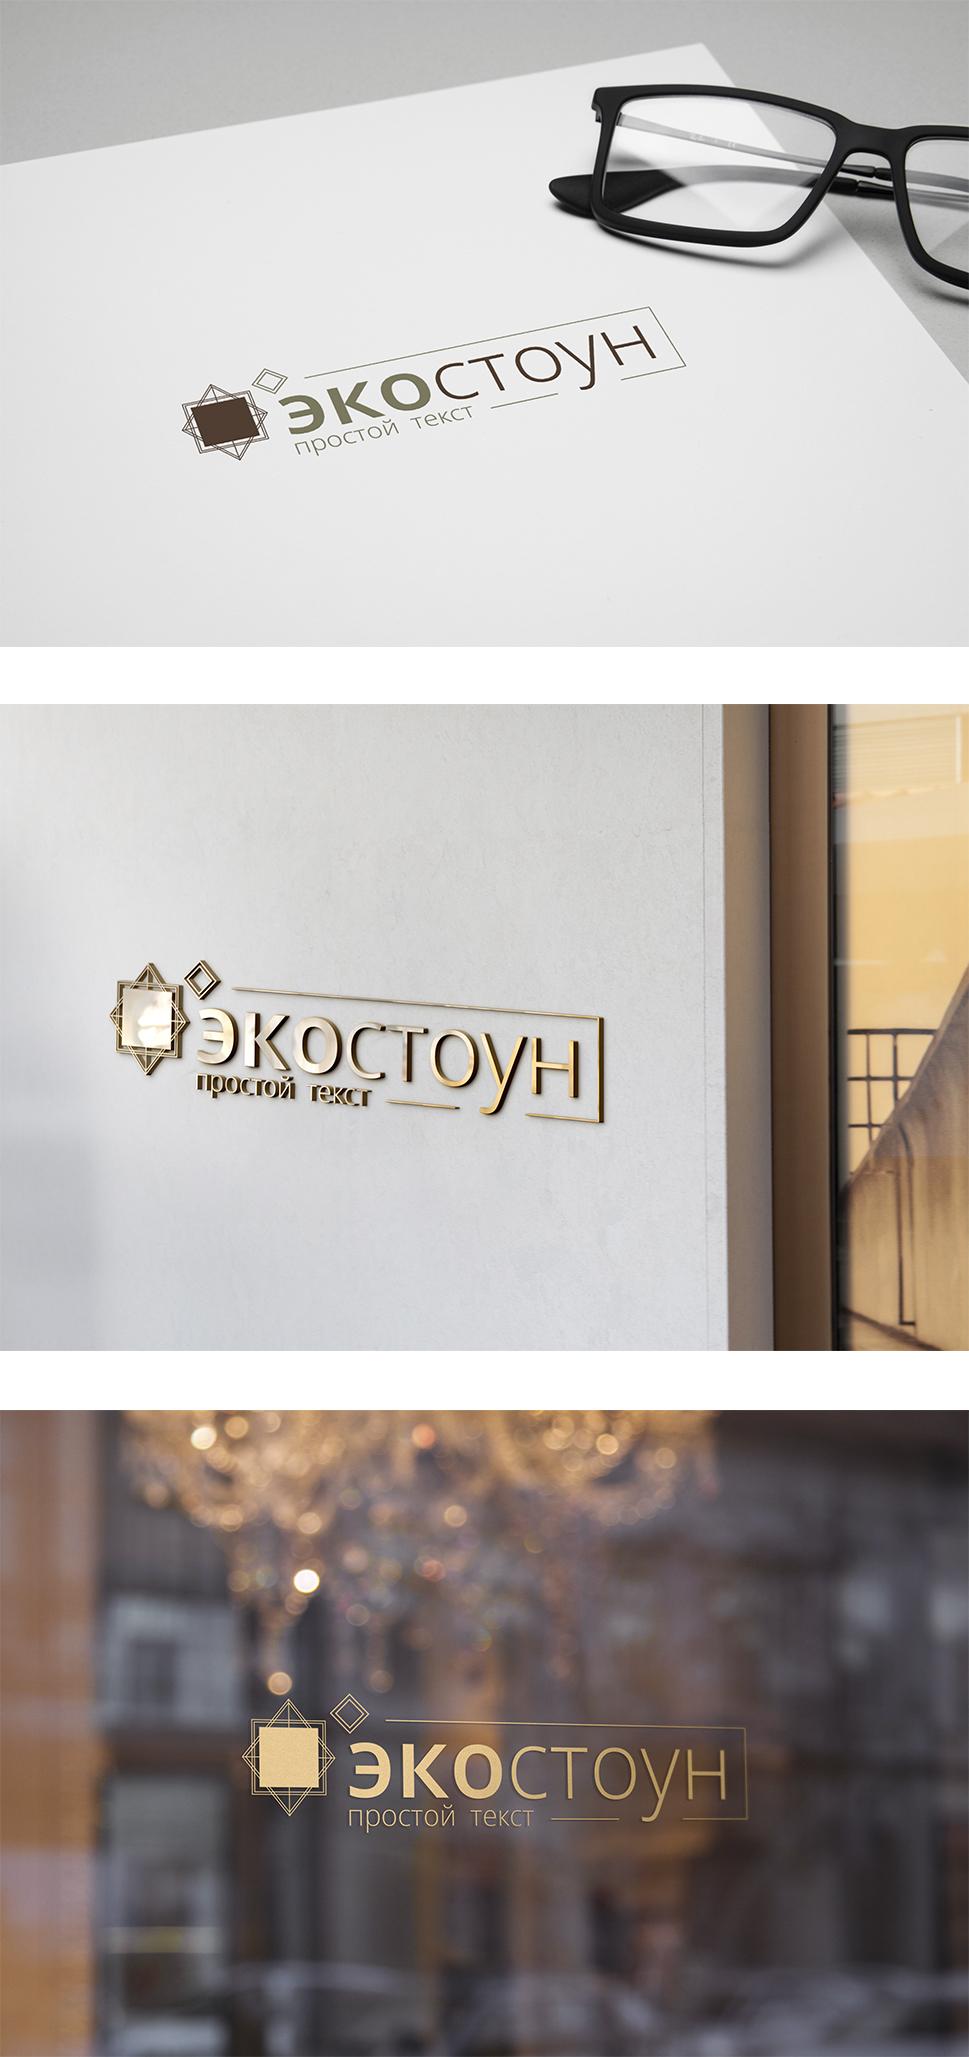 Разработка логотипа - Производственная компания ЭКОСТОУН